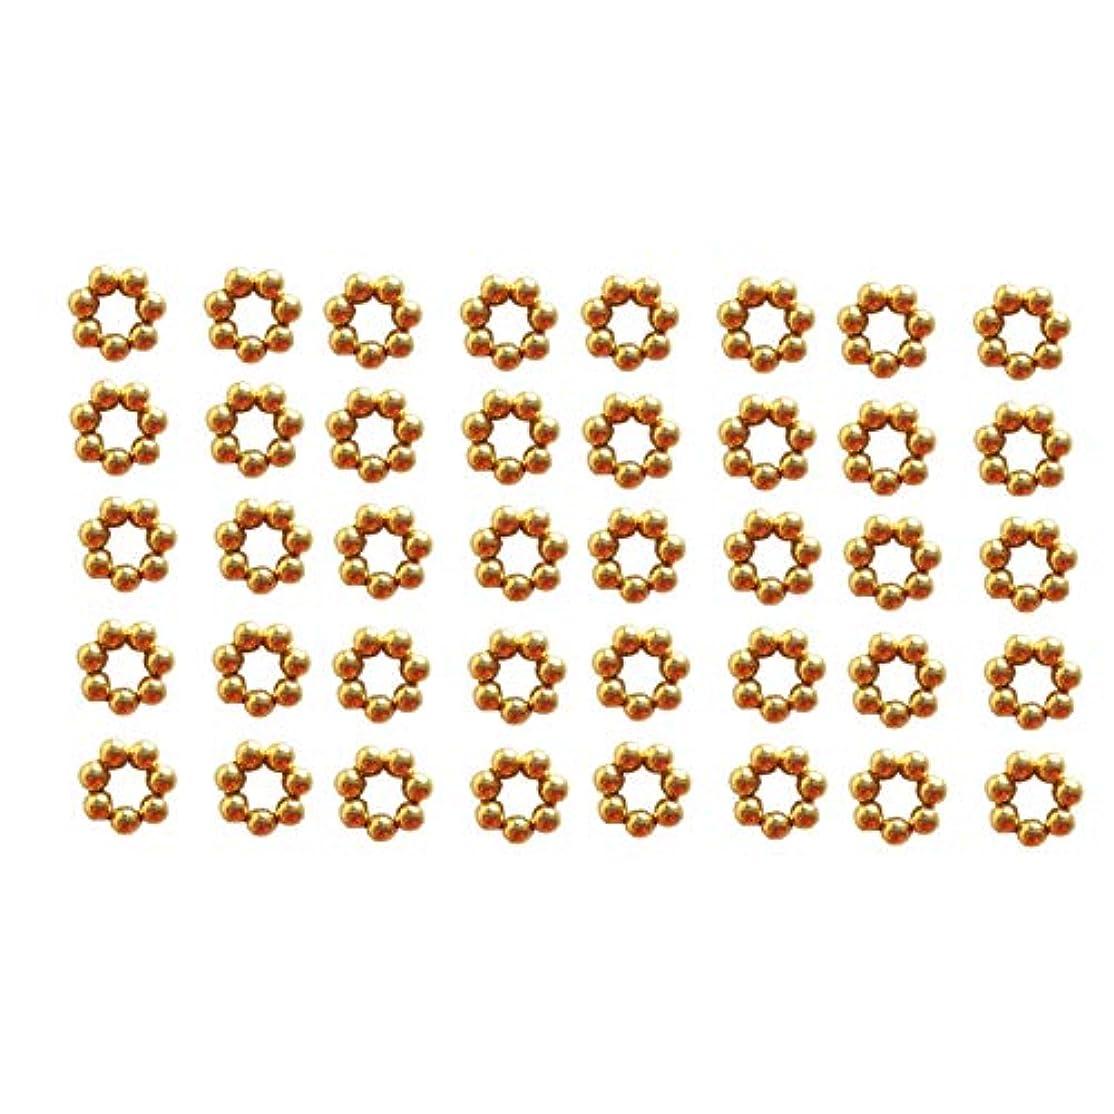 ストライド理論的出席するSatfale Jewellers 固体18Kイエロー3ミリメートル42個インド手作りスペーサービーズ ゴールド